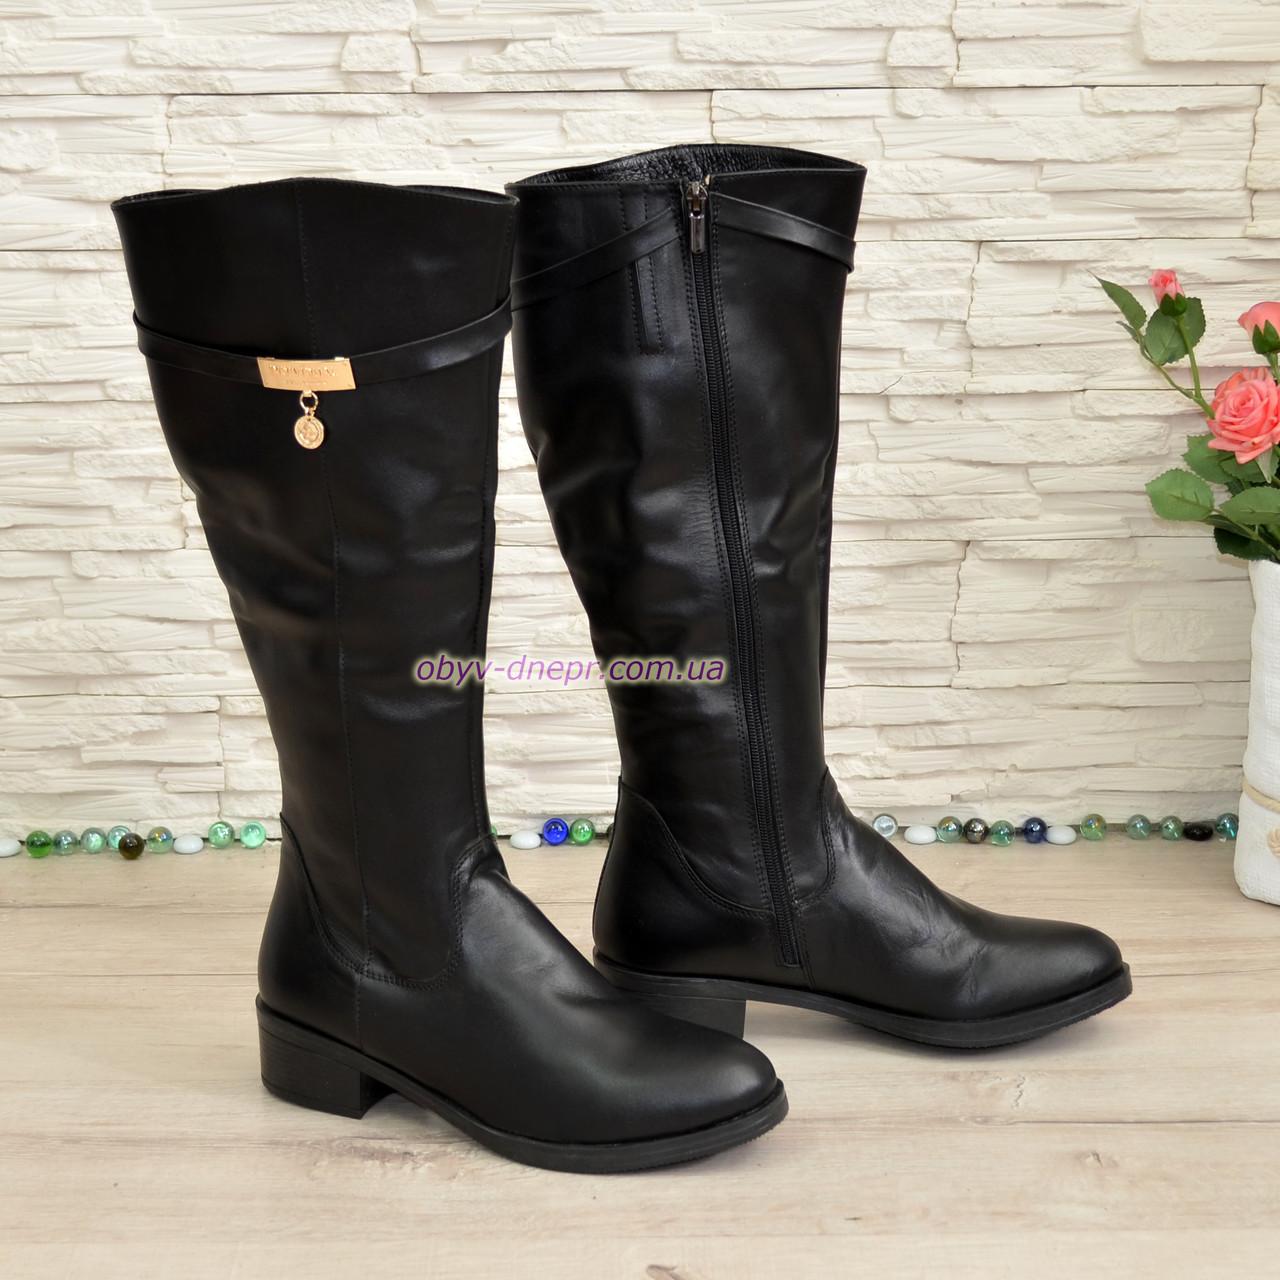 Сапоги женские демисезонные на невысоком каблуке, натуральная кожа черного цвета